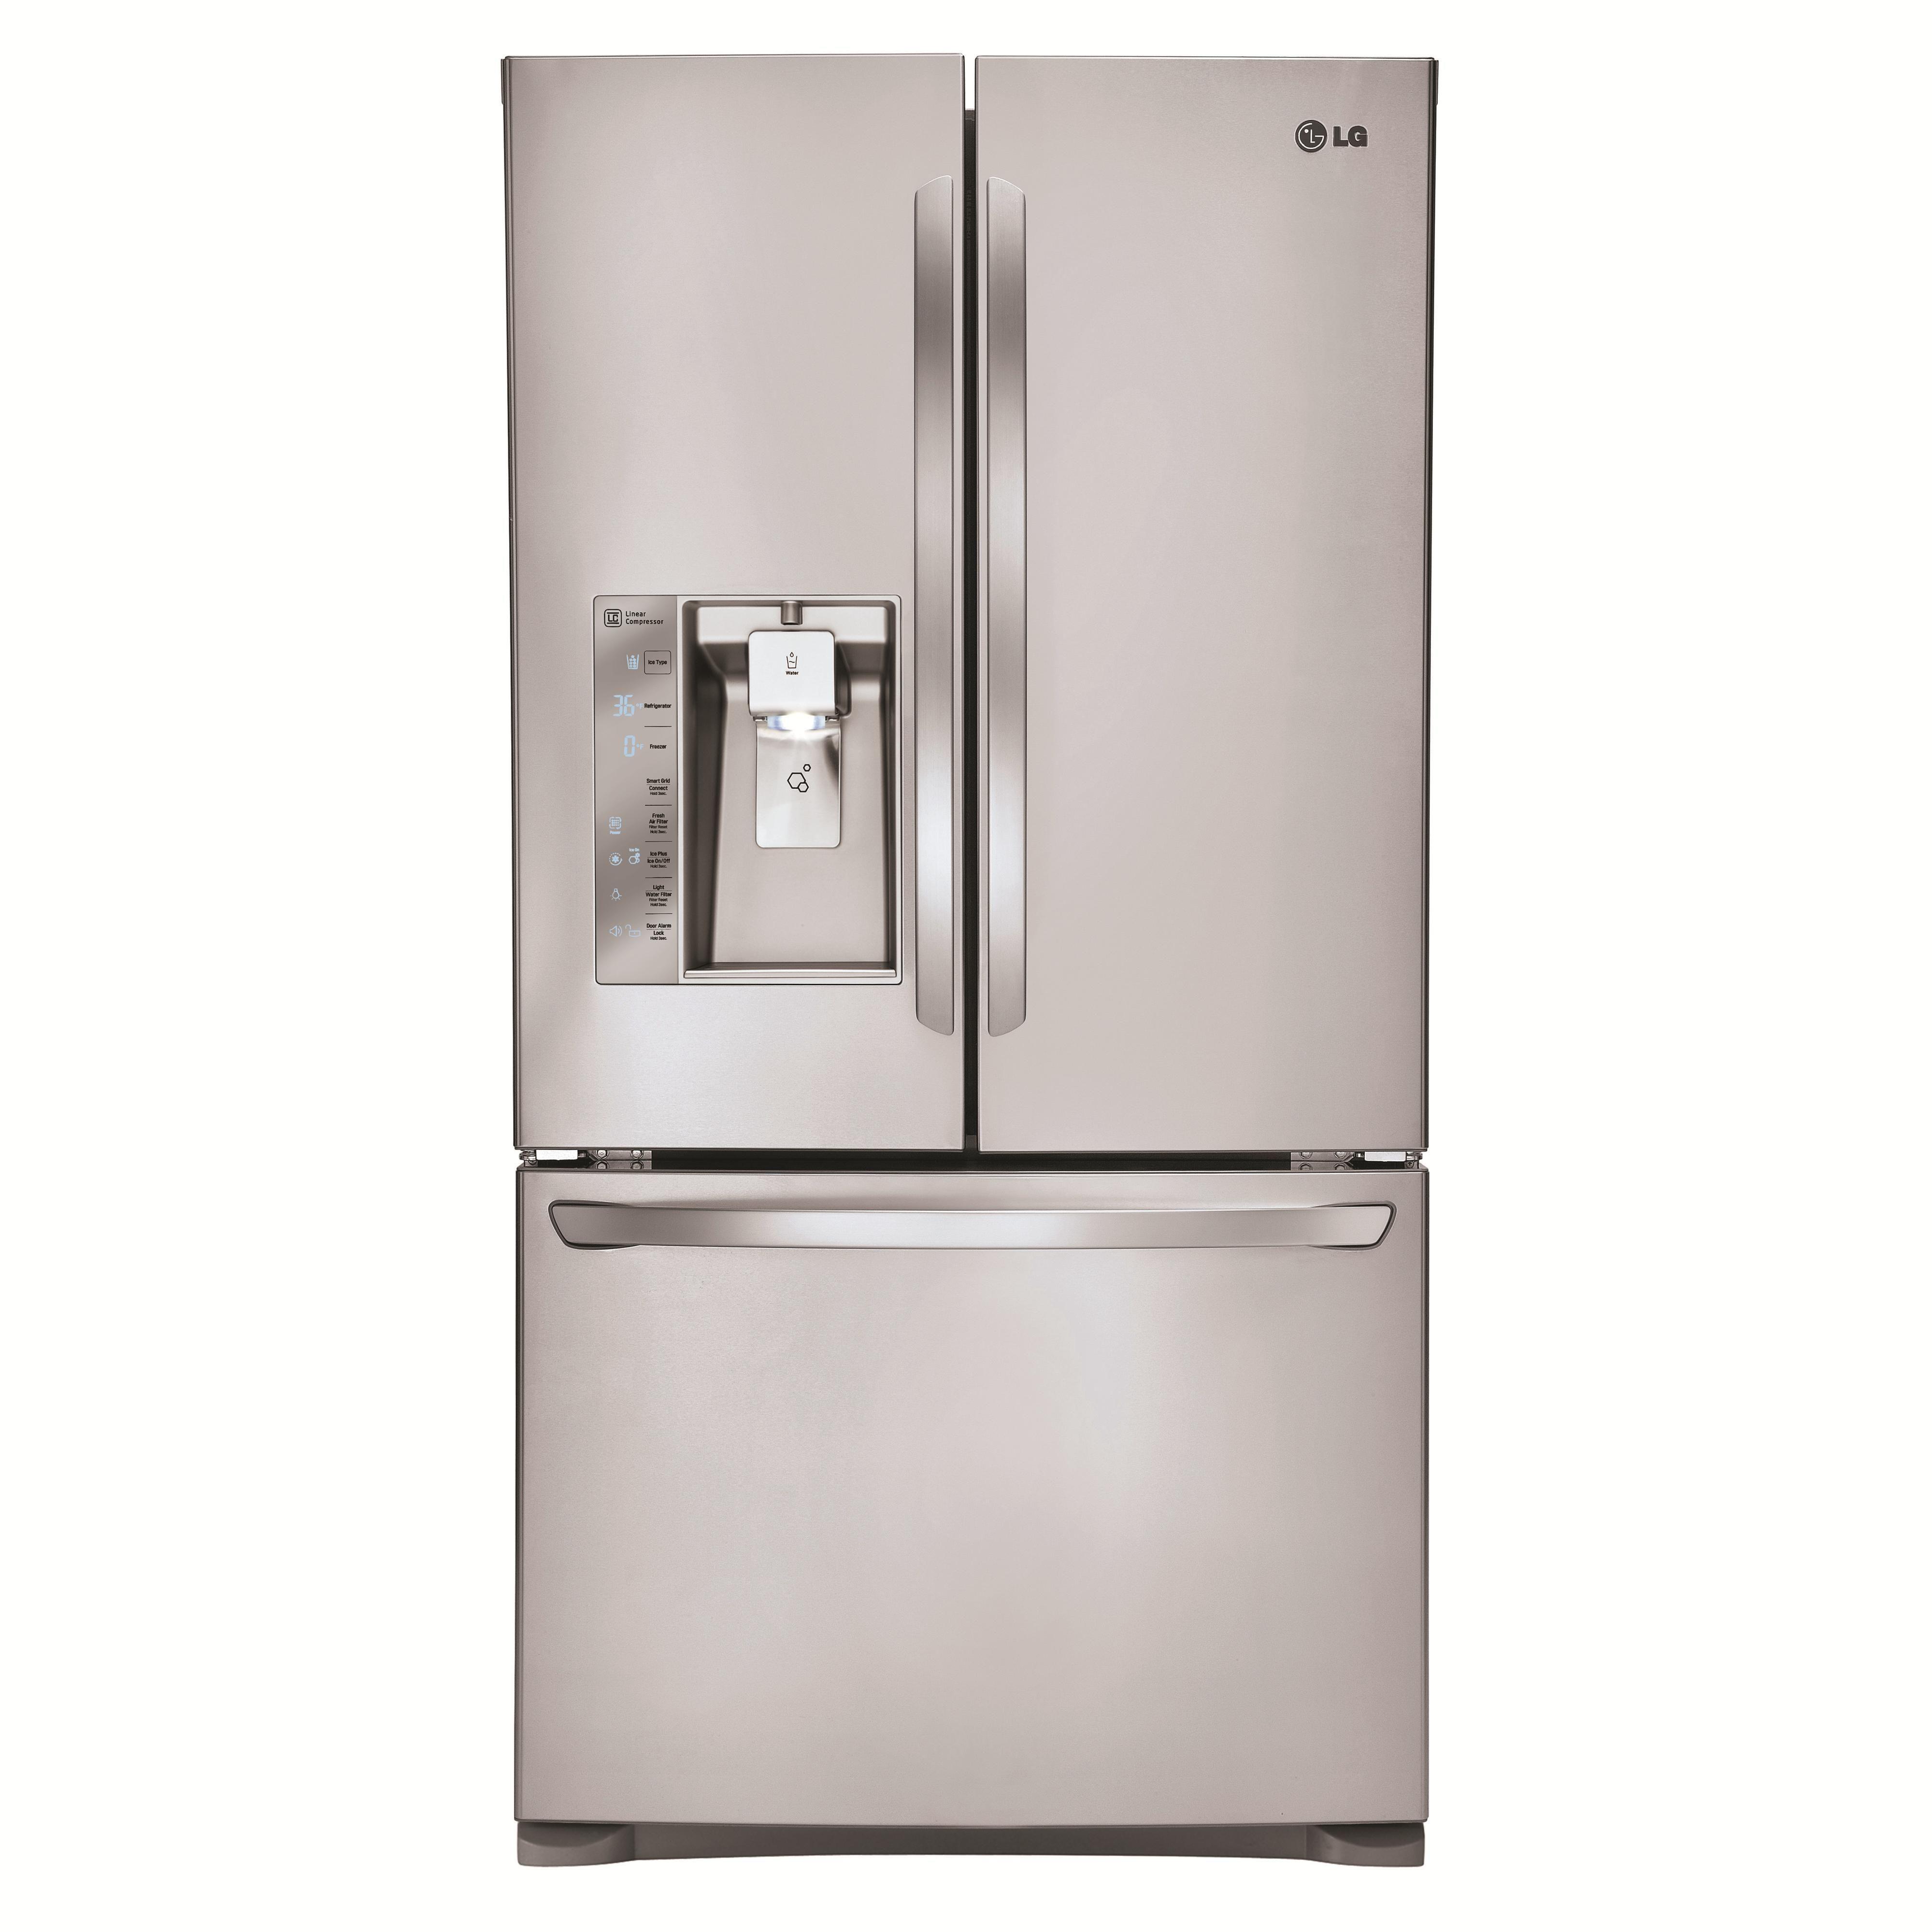 French Door Refrigerators 24 Cu Ft Counter Depth French Door